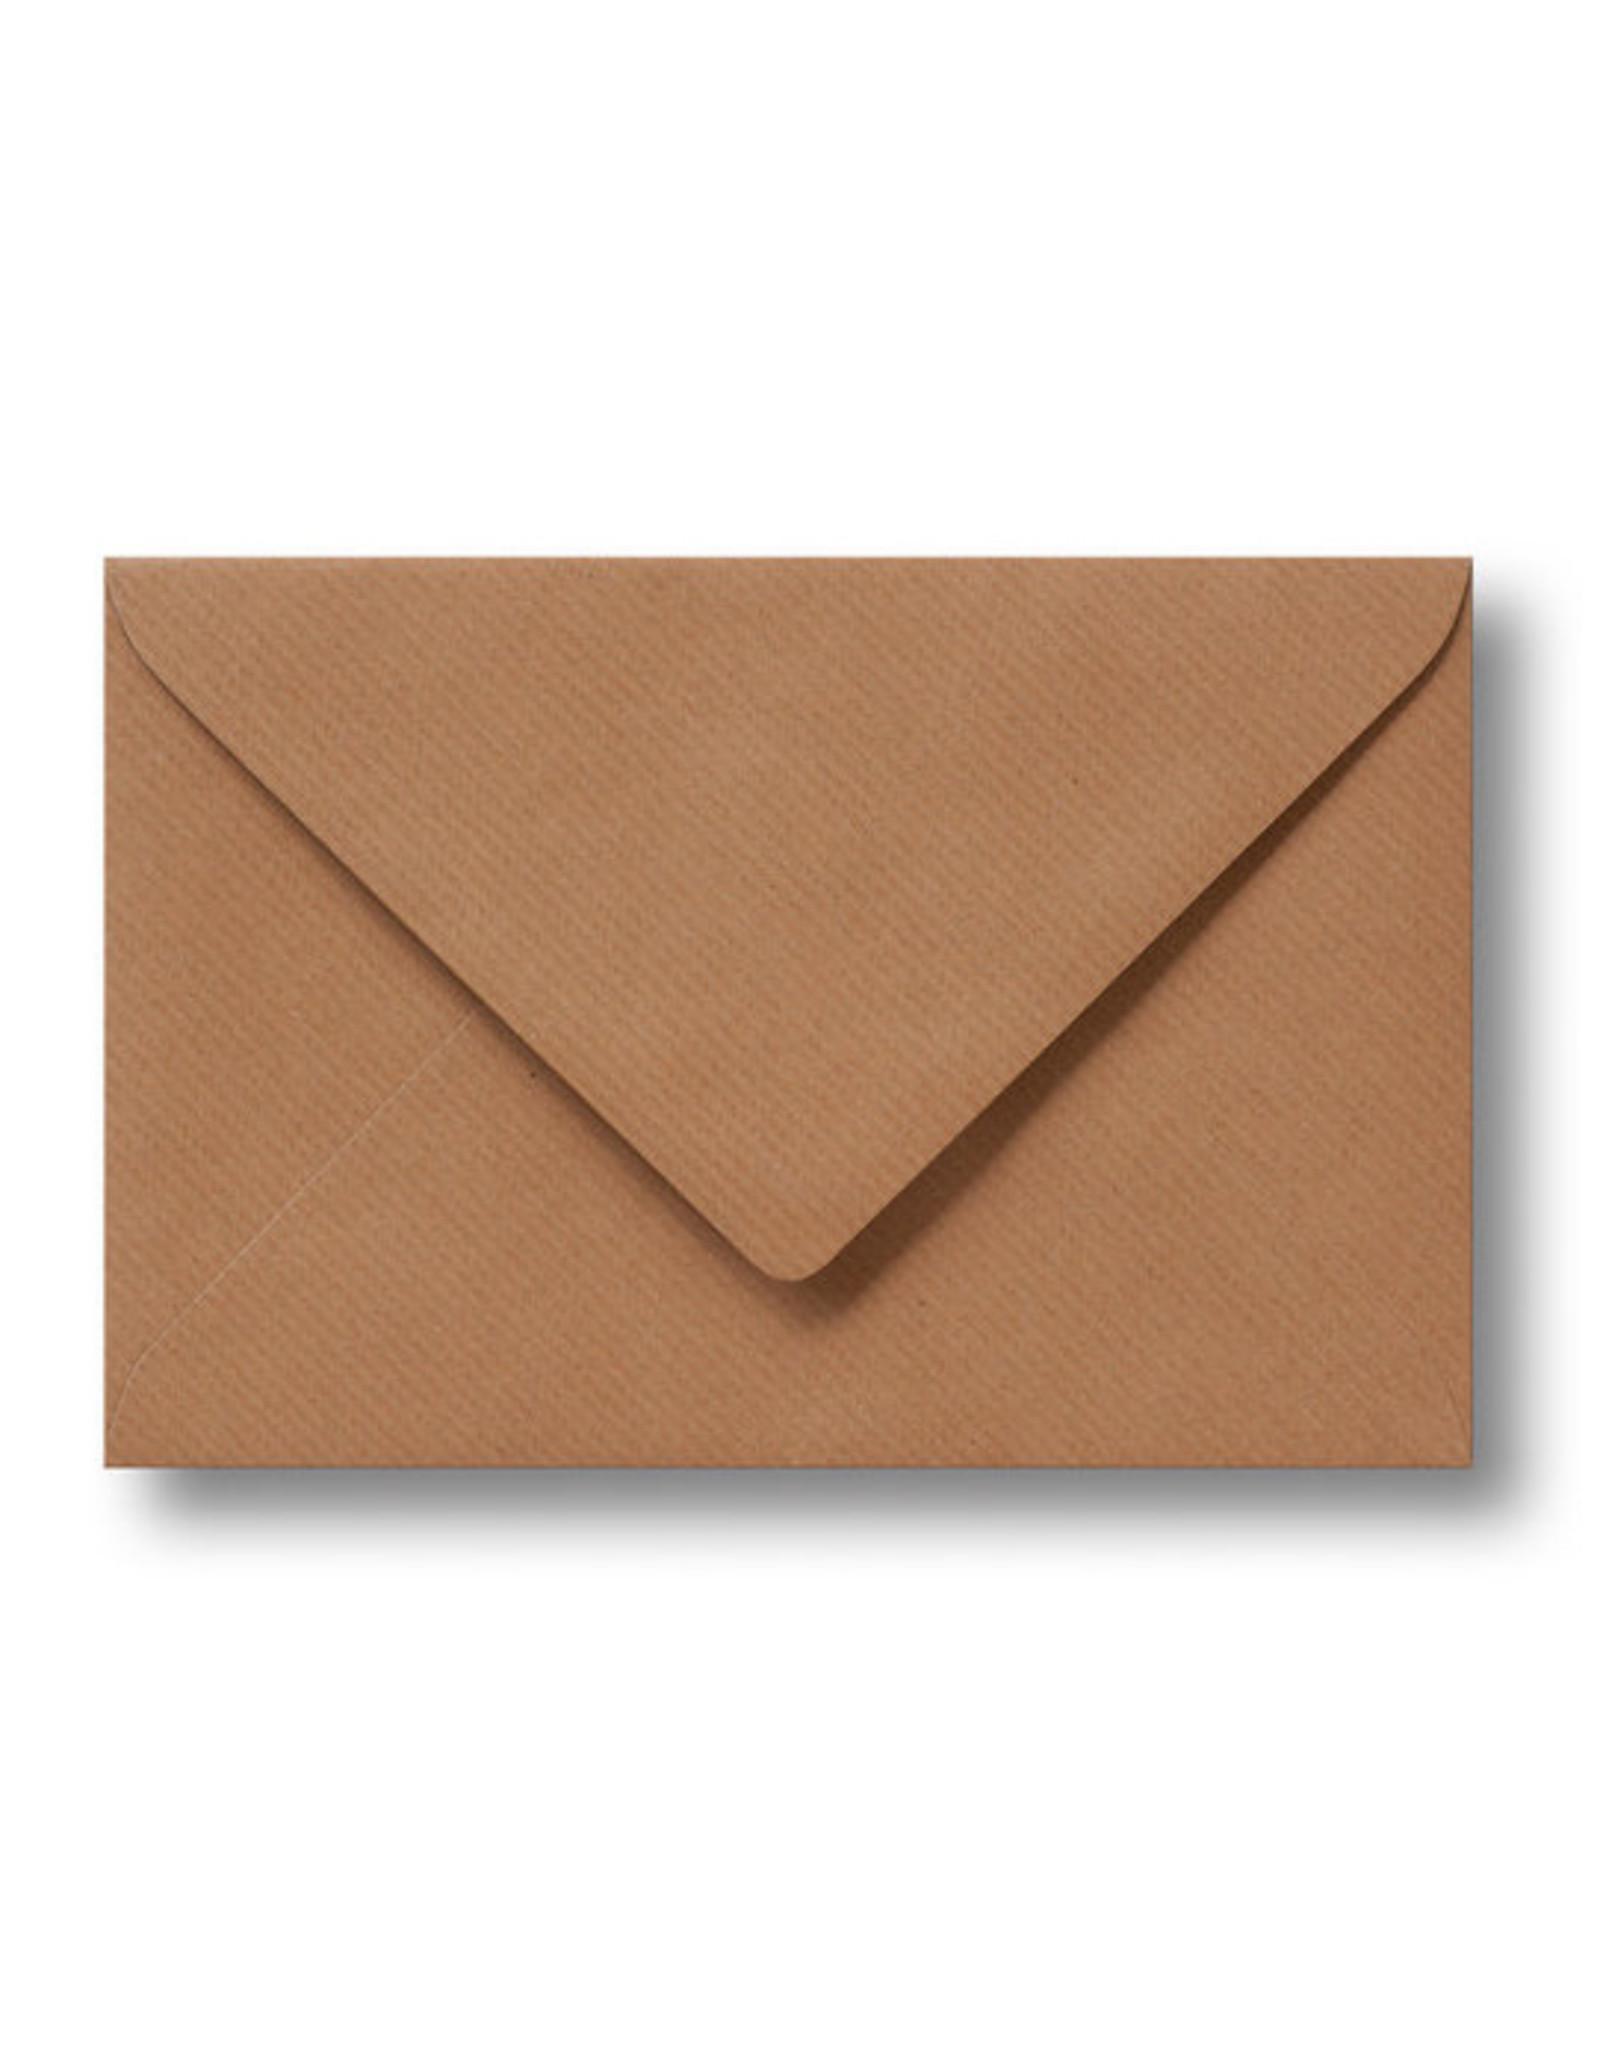 www.Robin.cards Blanco effen envelop Kraft